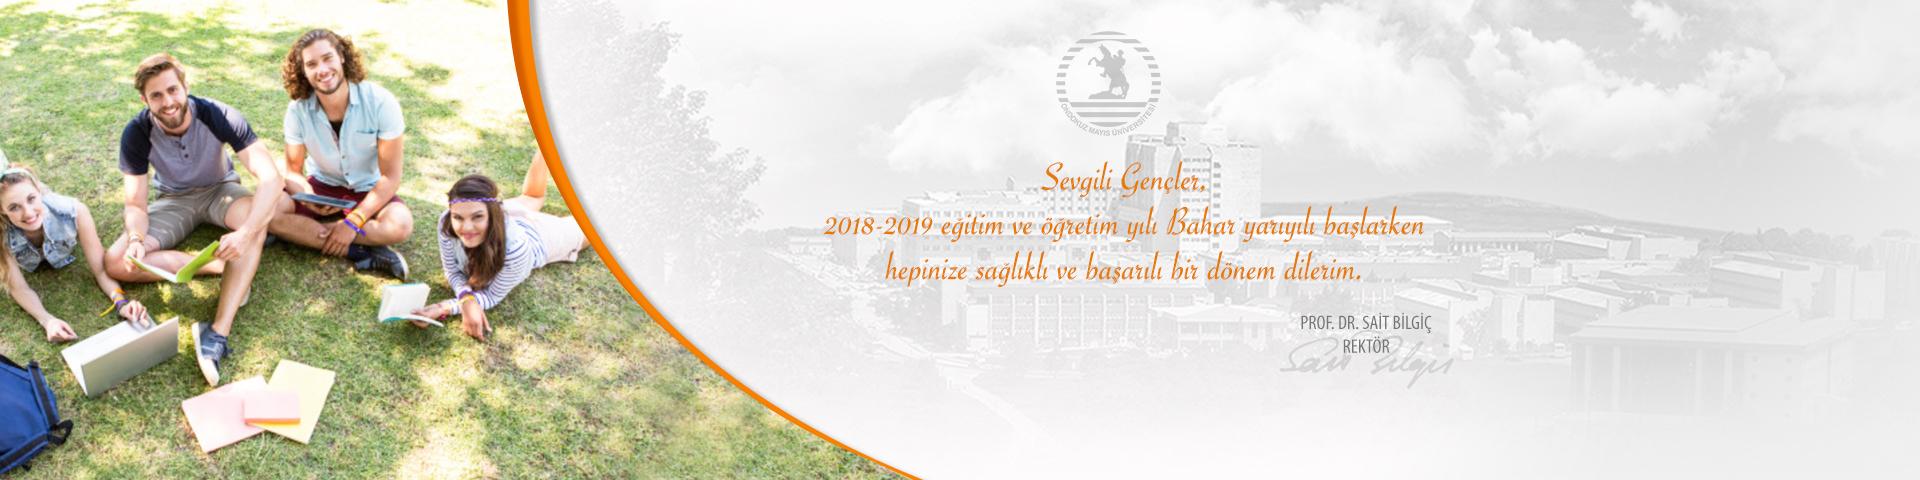 Rektör Bilgiç'in Bahar Yarıyılı Mesajı